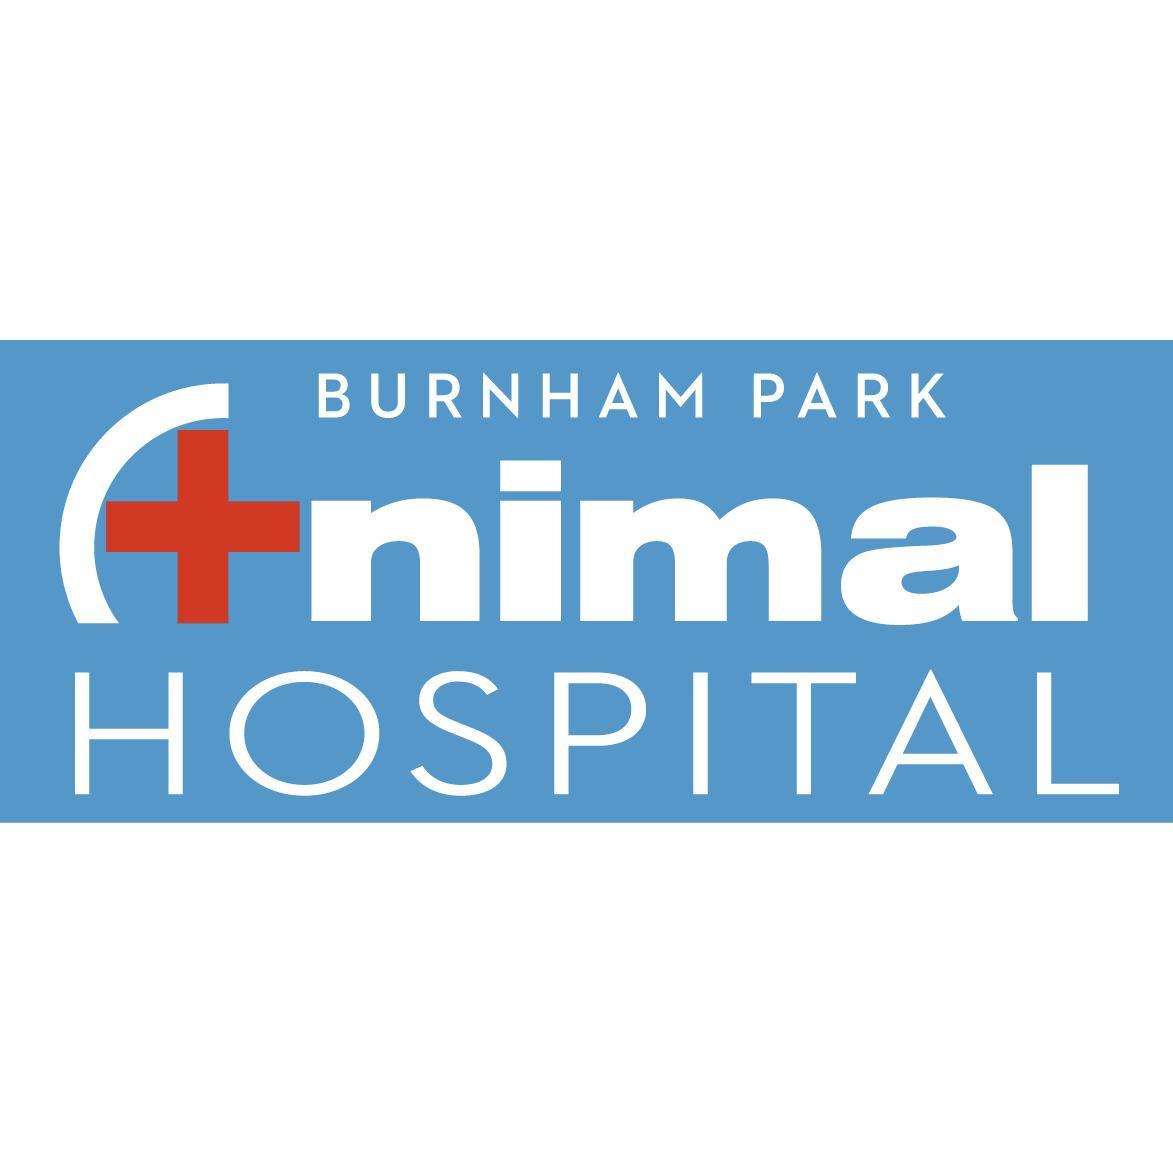 Burnham Park Animal Hospital